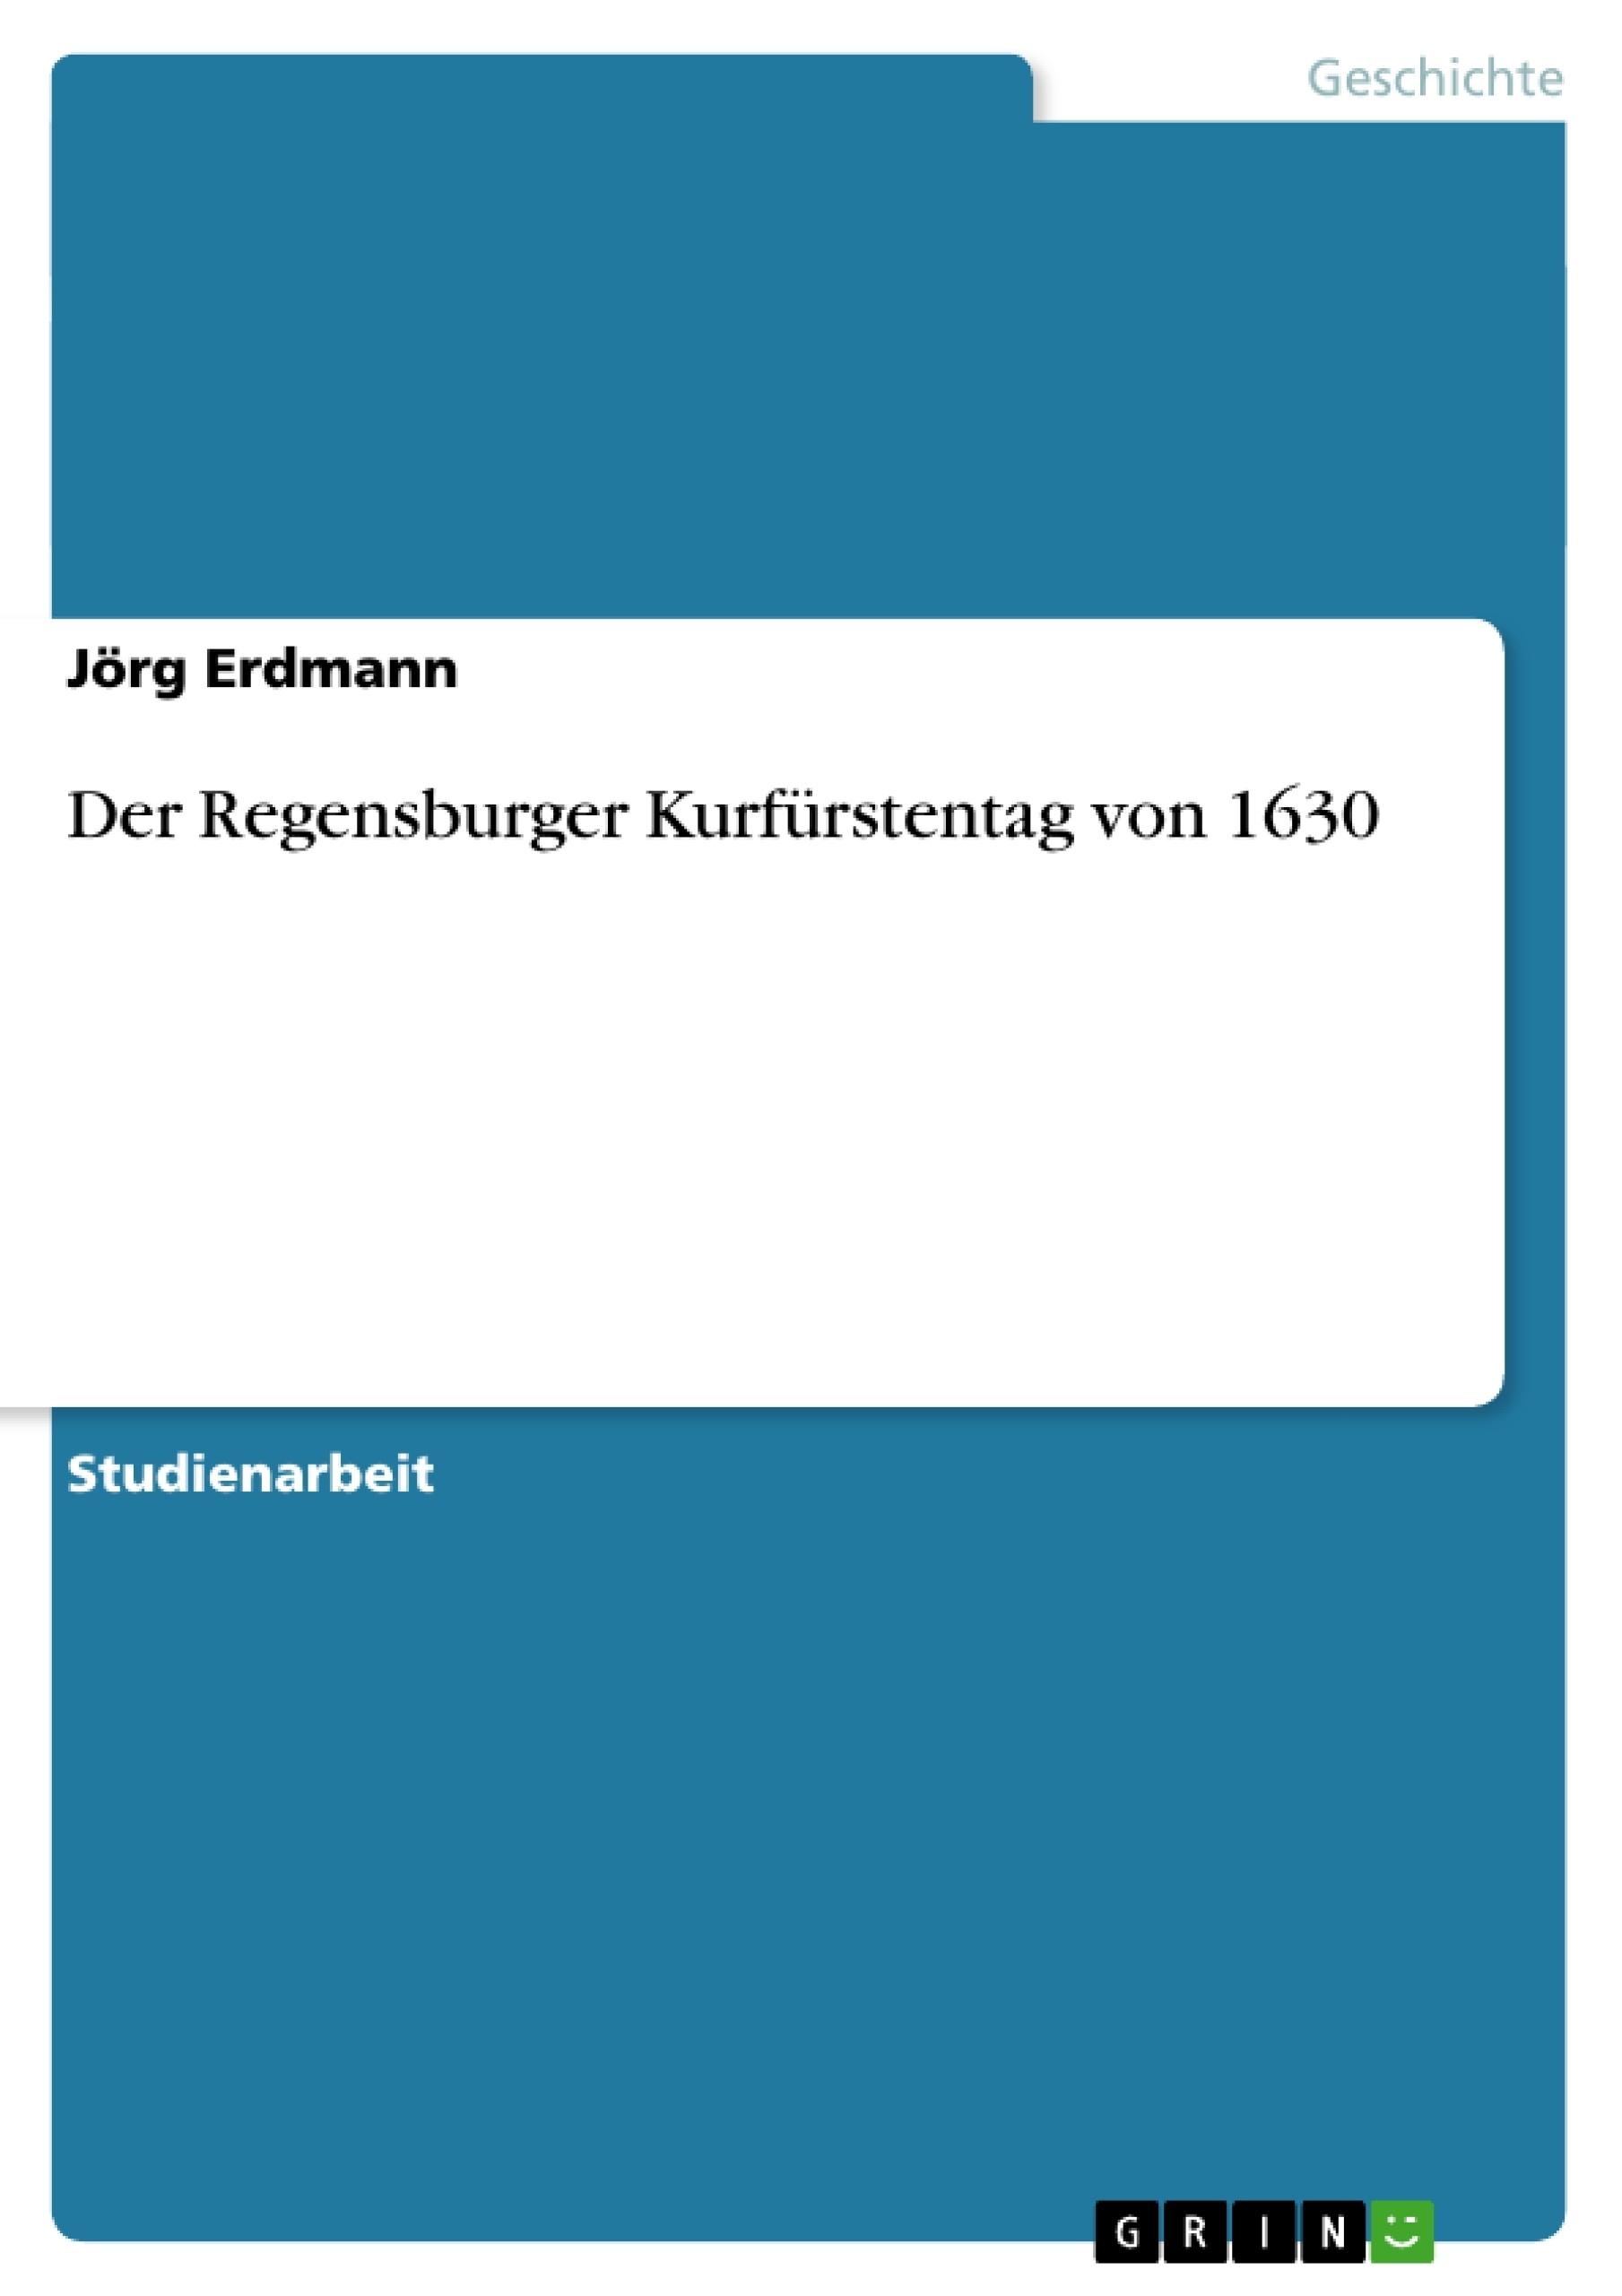 Titel: Der Regensburger Kurfürstentag von 1630